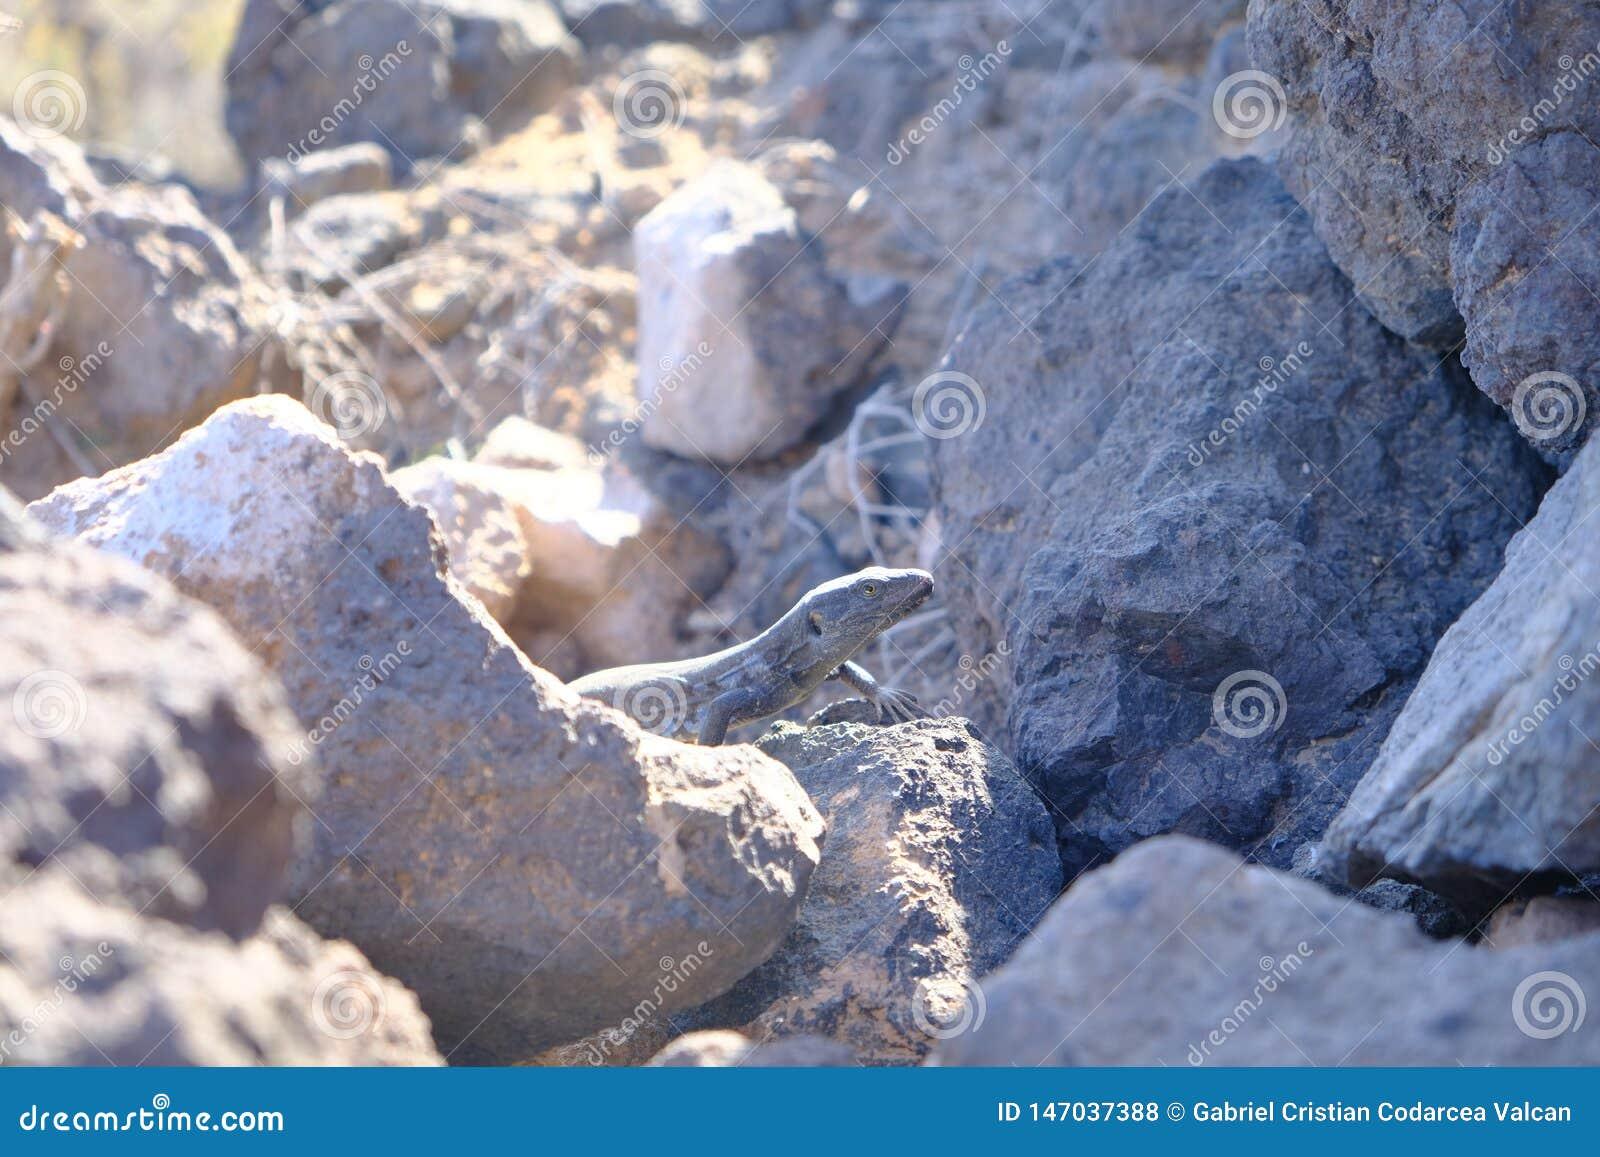 Lagarto oscuro camuflado en rocas volcánicas